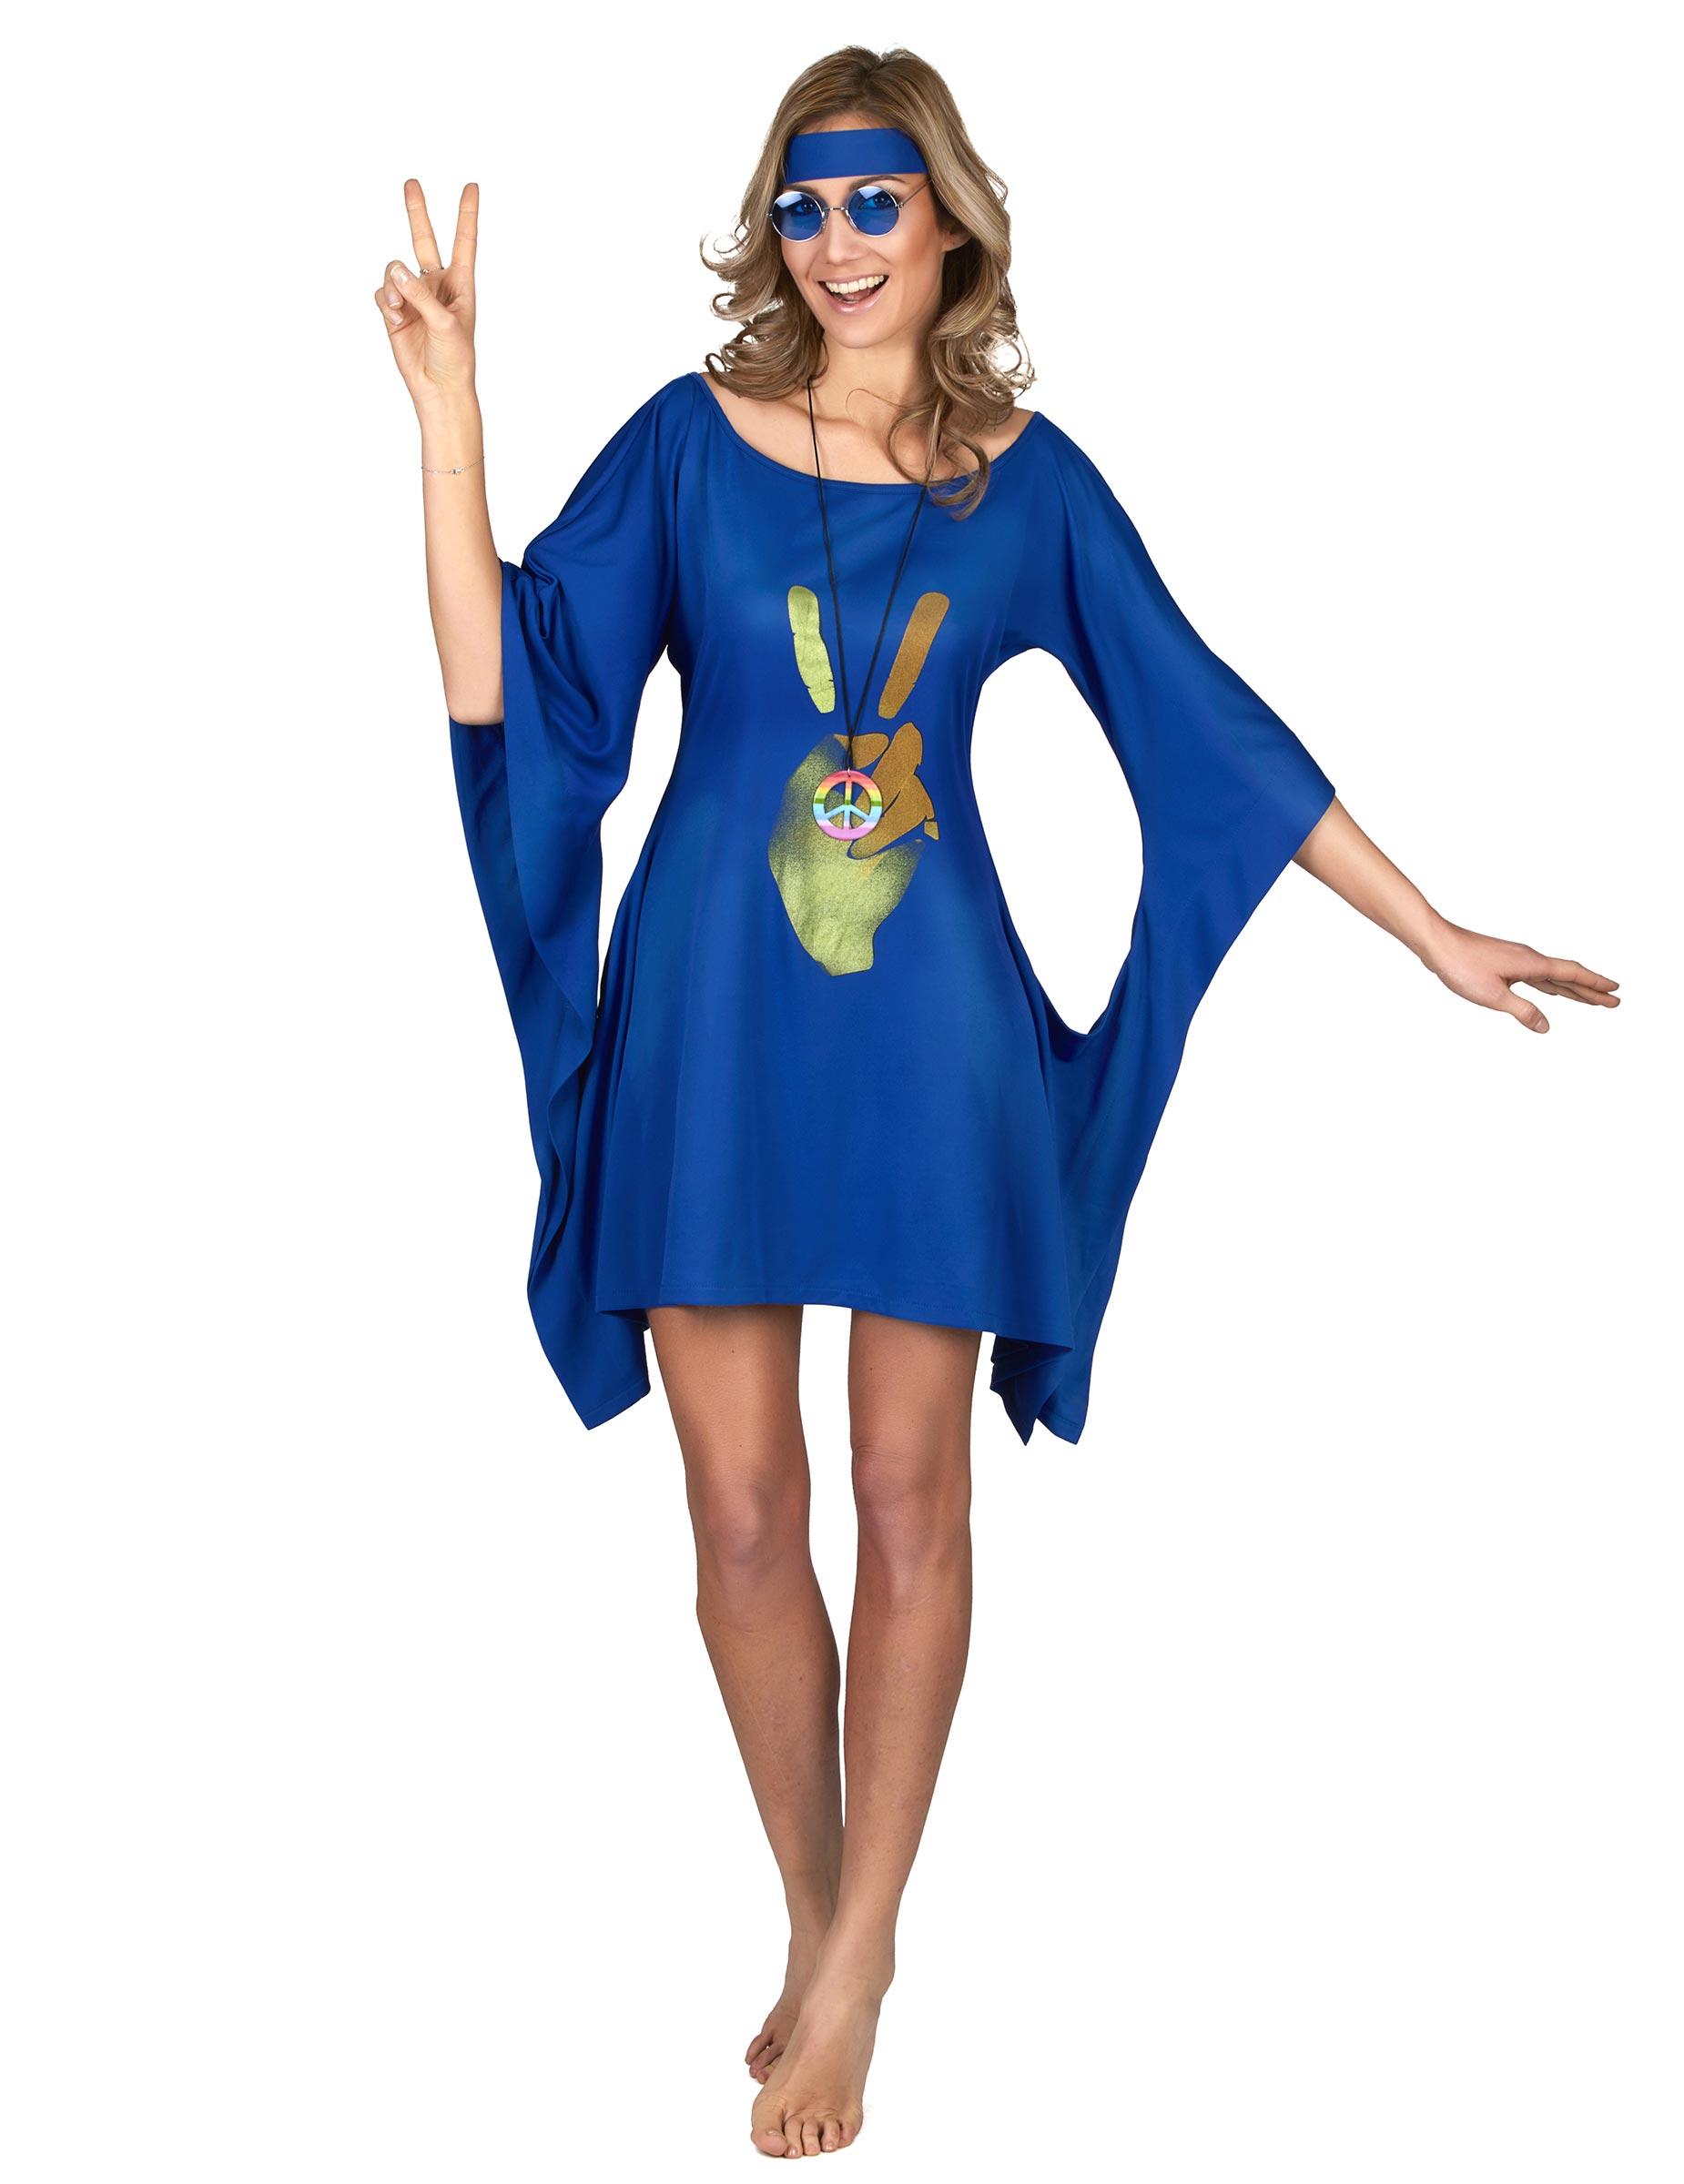 d guisement robe hippie bleue peace love femme deguise toi achat de d guisements adultes. Black Bedroom Furniture Sets. Home Design Ideas